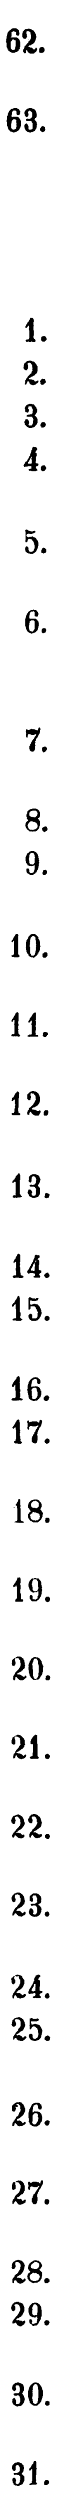 [merged small][merged small][merged small][merged small][merged small][merged small][merged small][merged small][merged small][merged small][merged small][merged small][merged small][merged small][merged small][merged small][merged small][merged small][ocr errors][merged small]